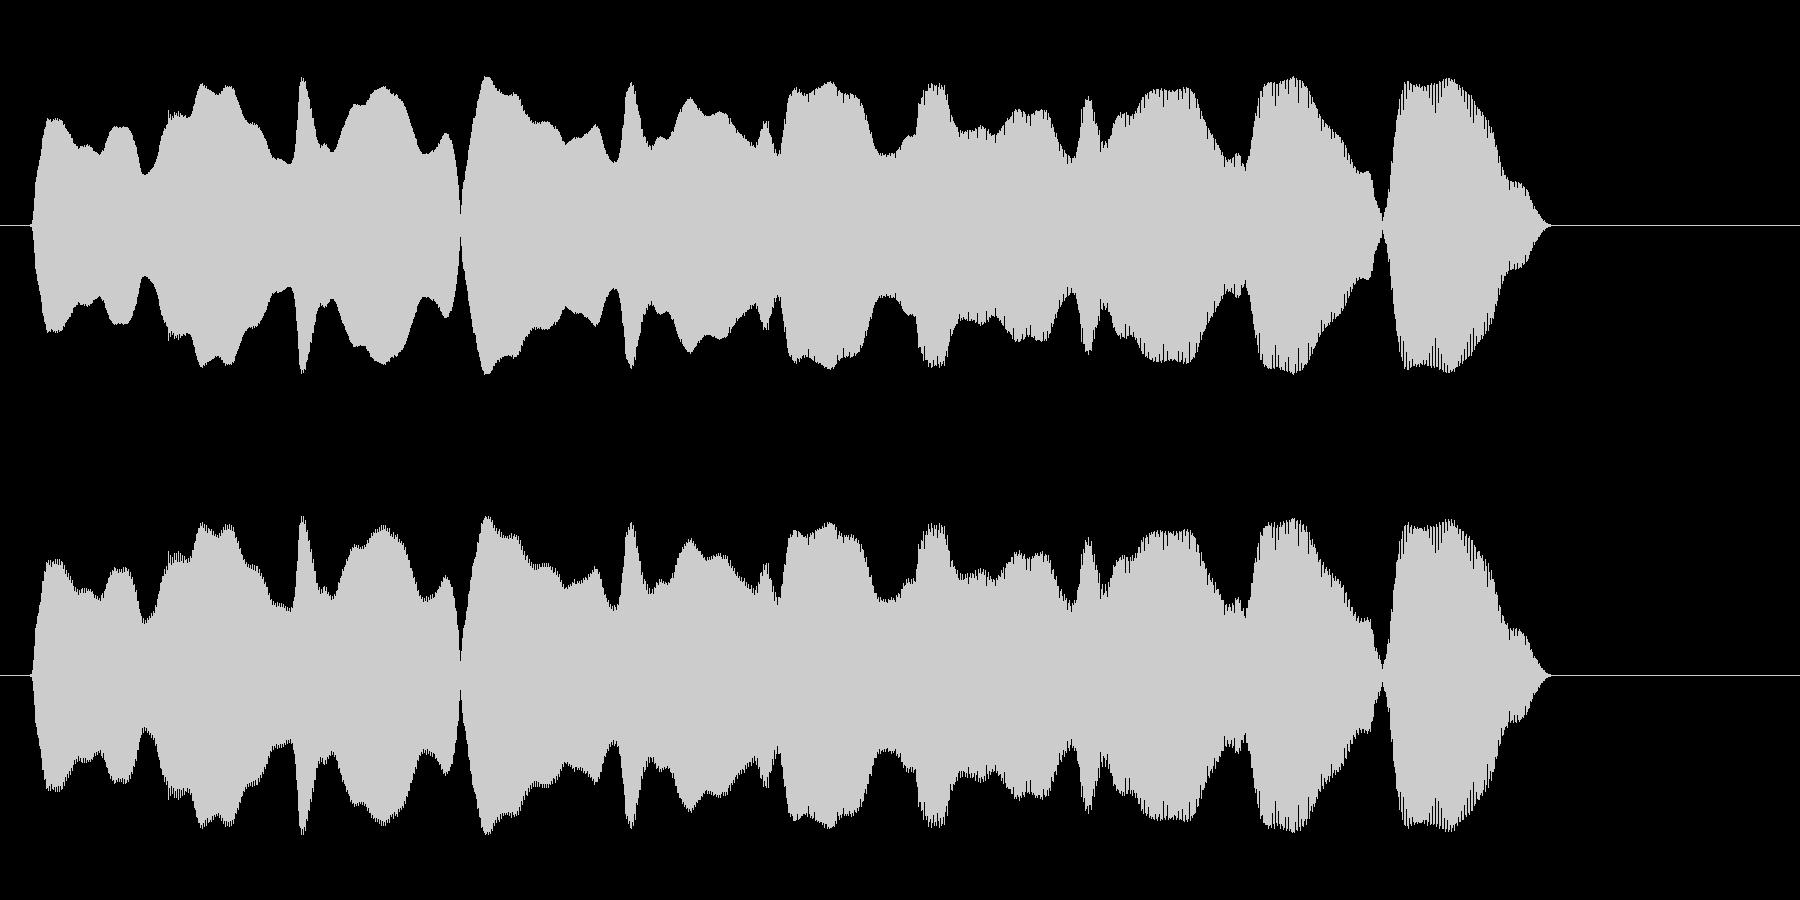 ピュロロロ(落下のコミカルな効果音)の未再生の波形